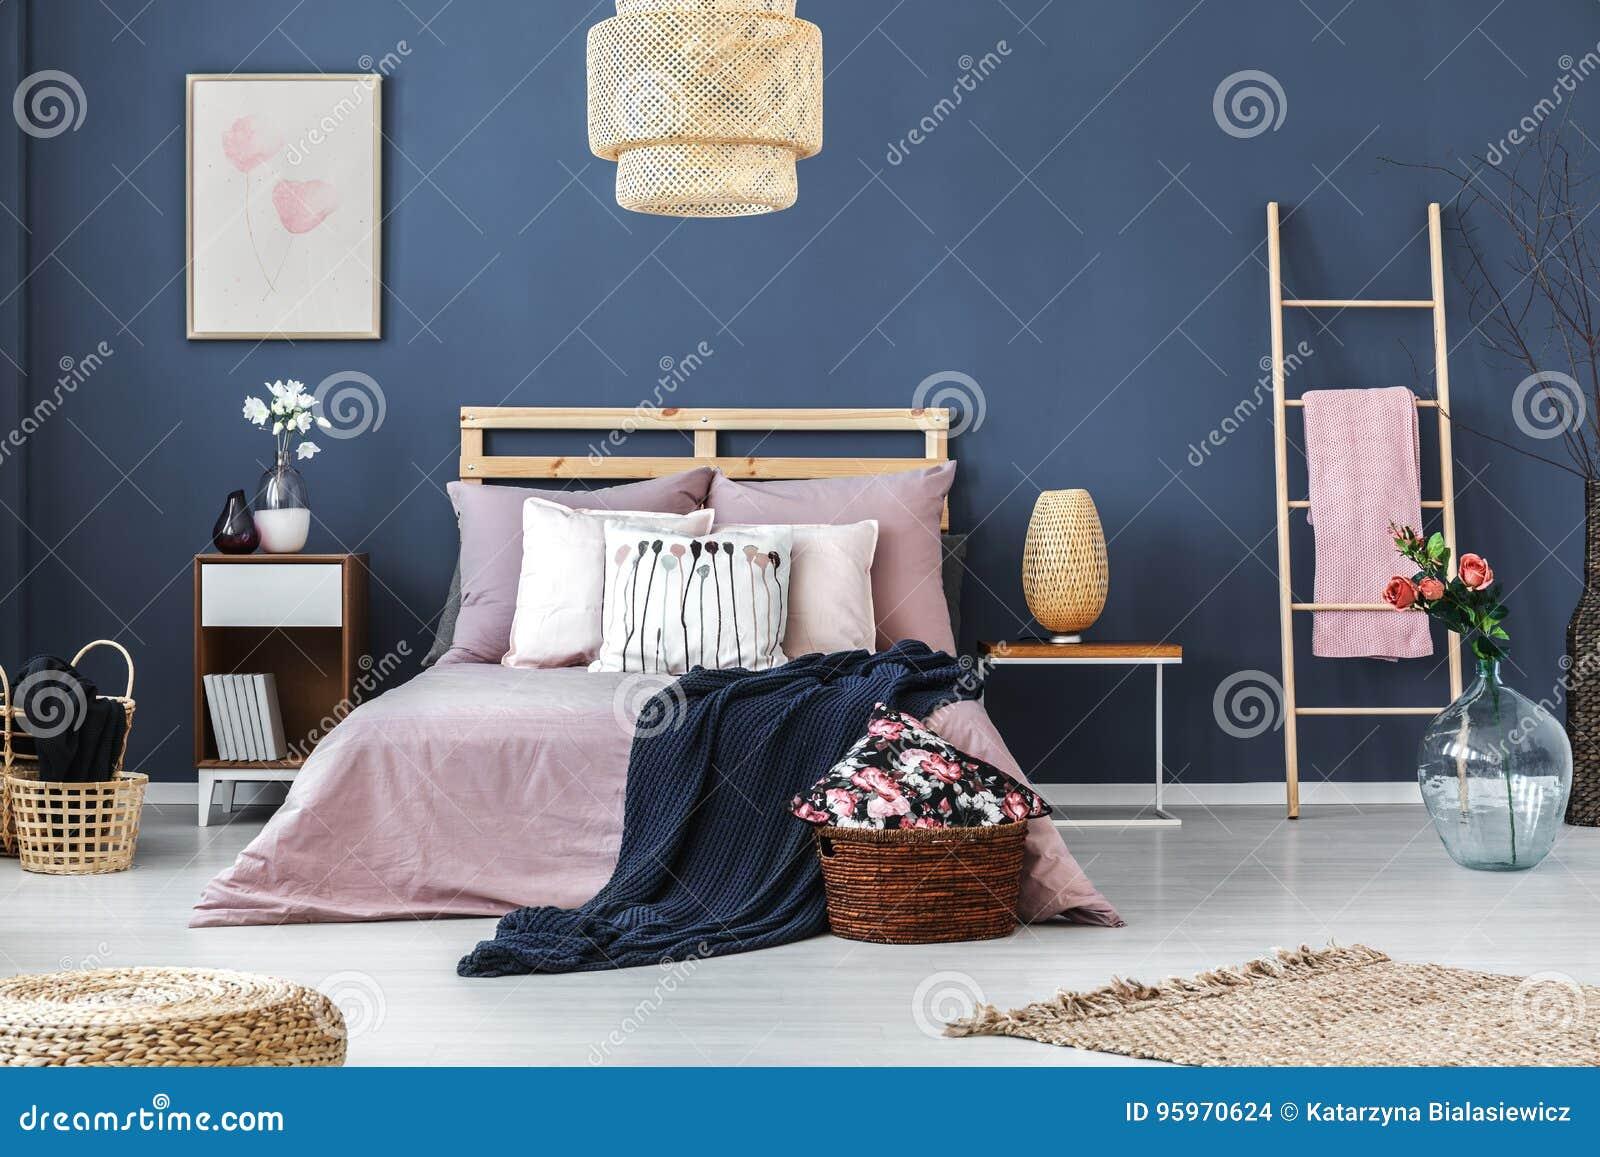 Decoratieve ladder in slaapkamer